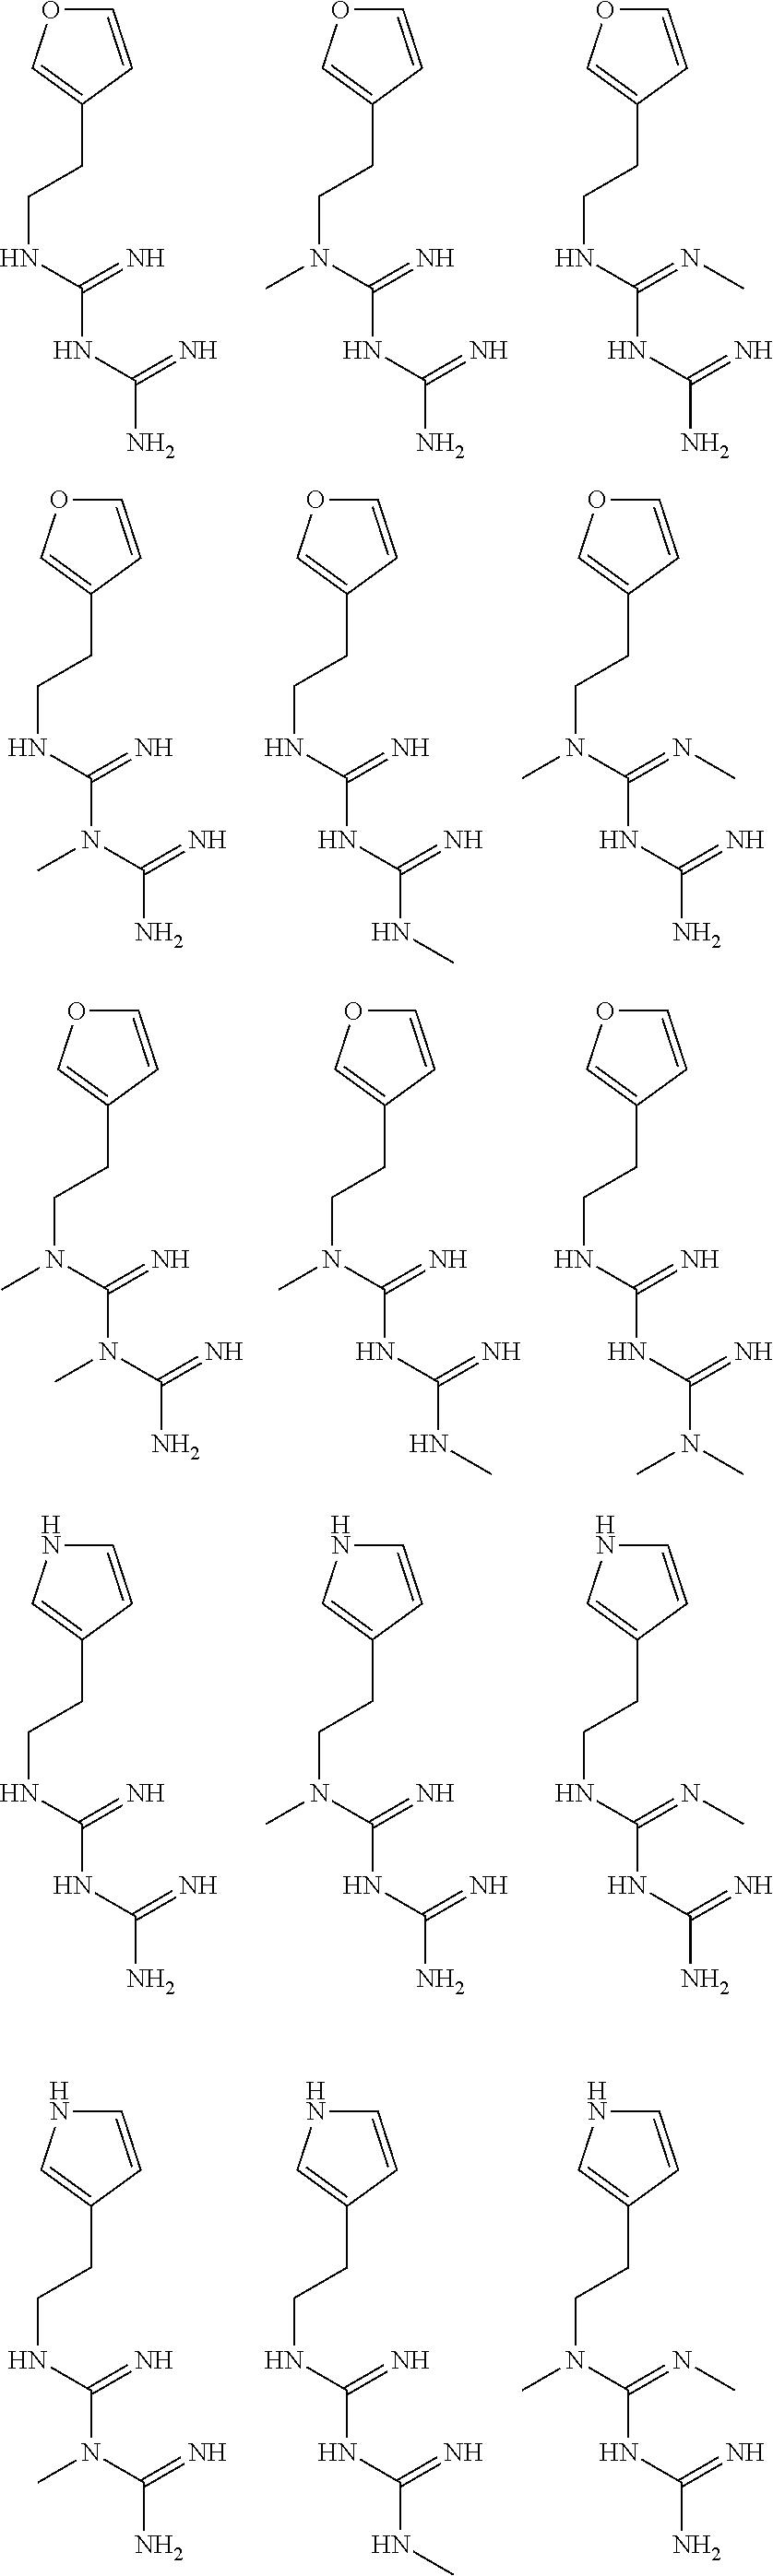 Figure US09480663-20161101-C00043